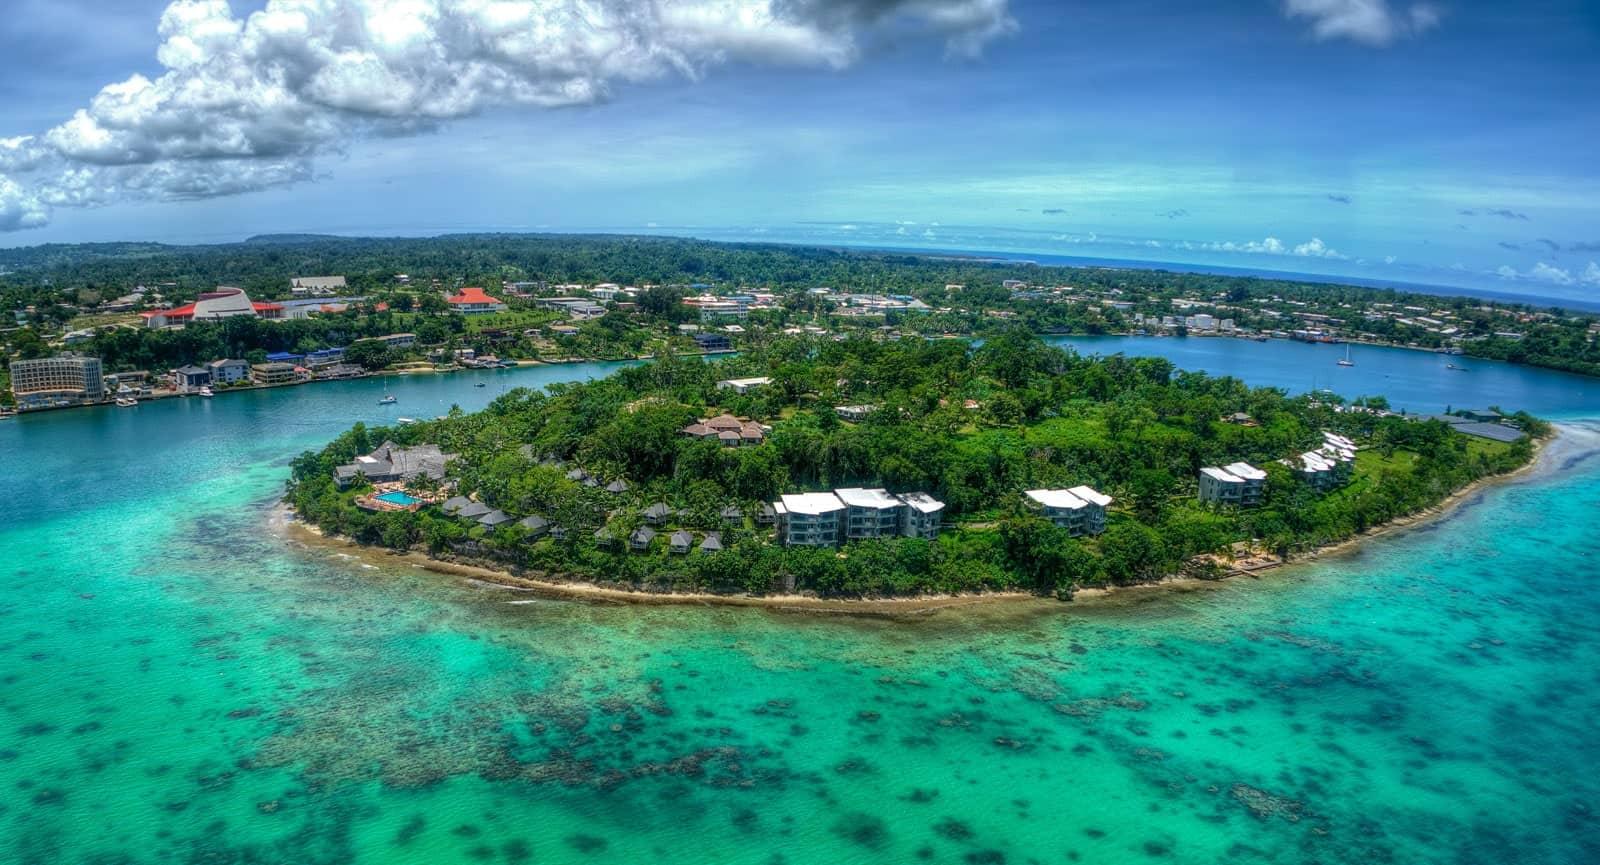 Vanuatu cho phép nhà đầu tư mua bất động sản để nhận quốc tịch